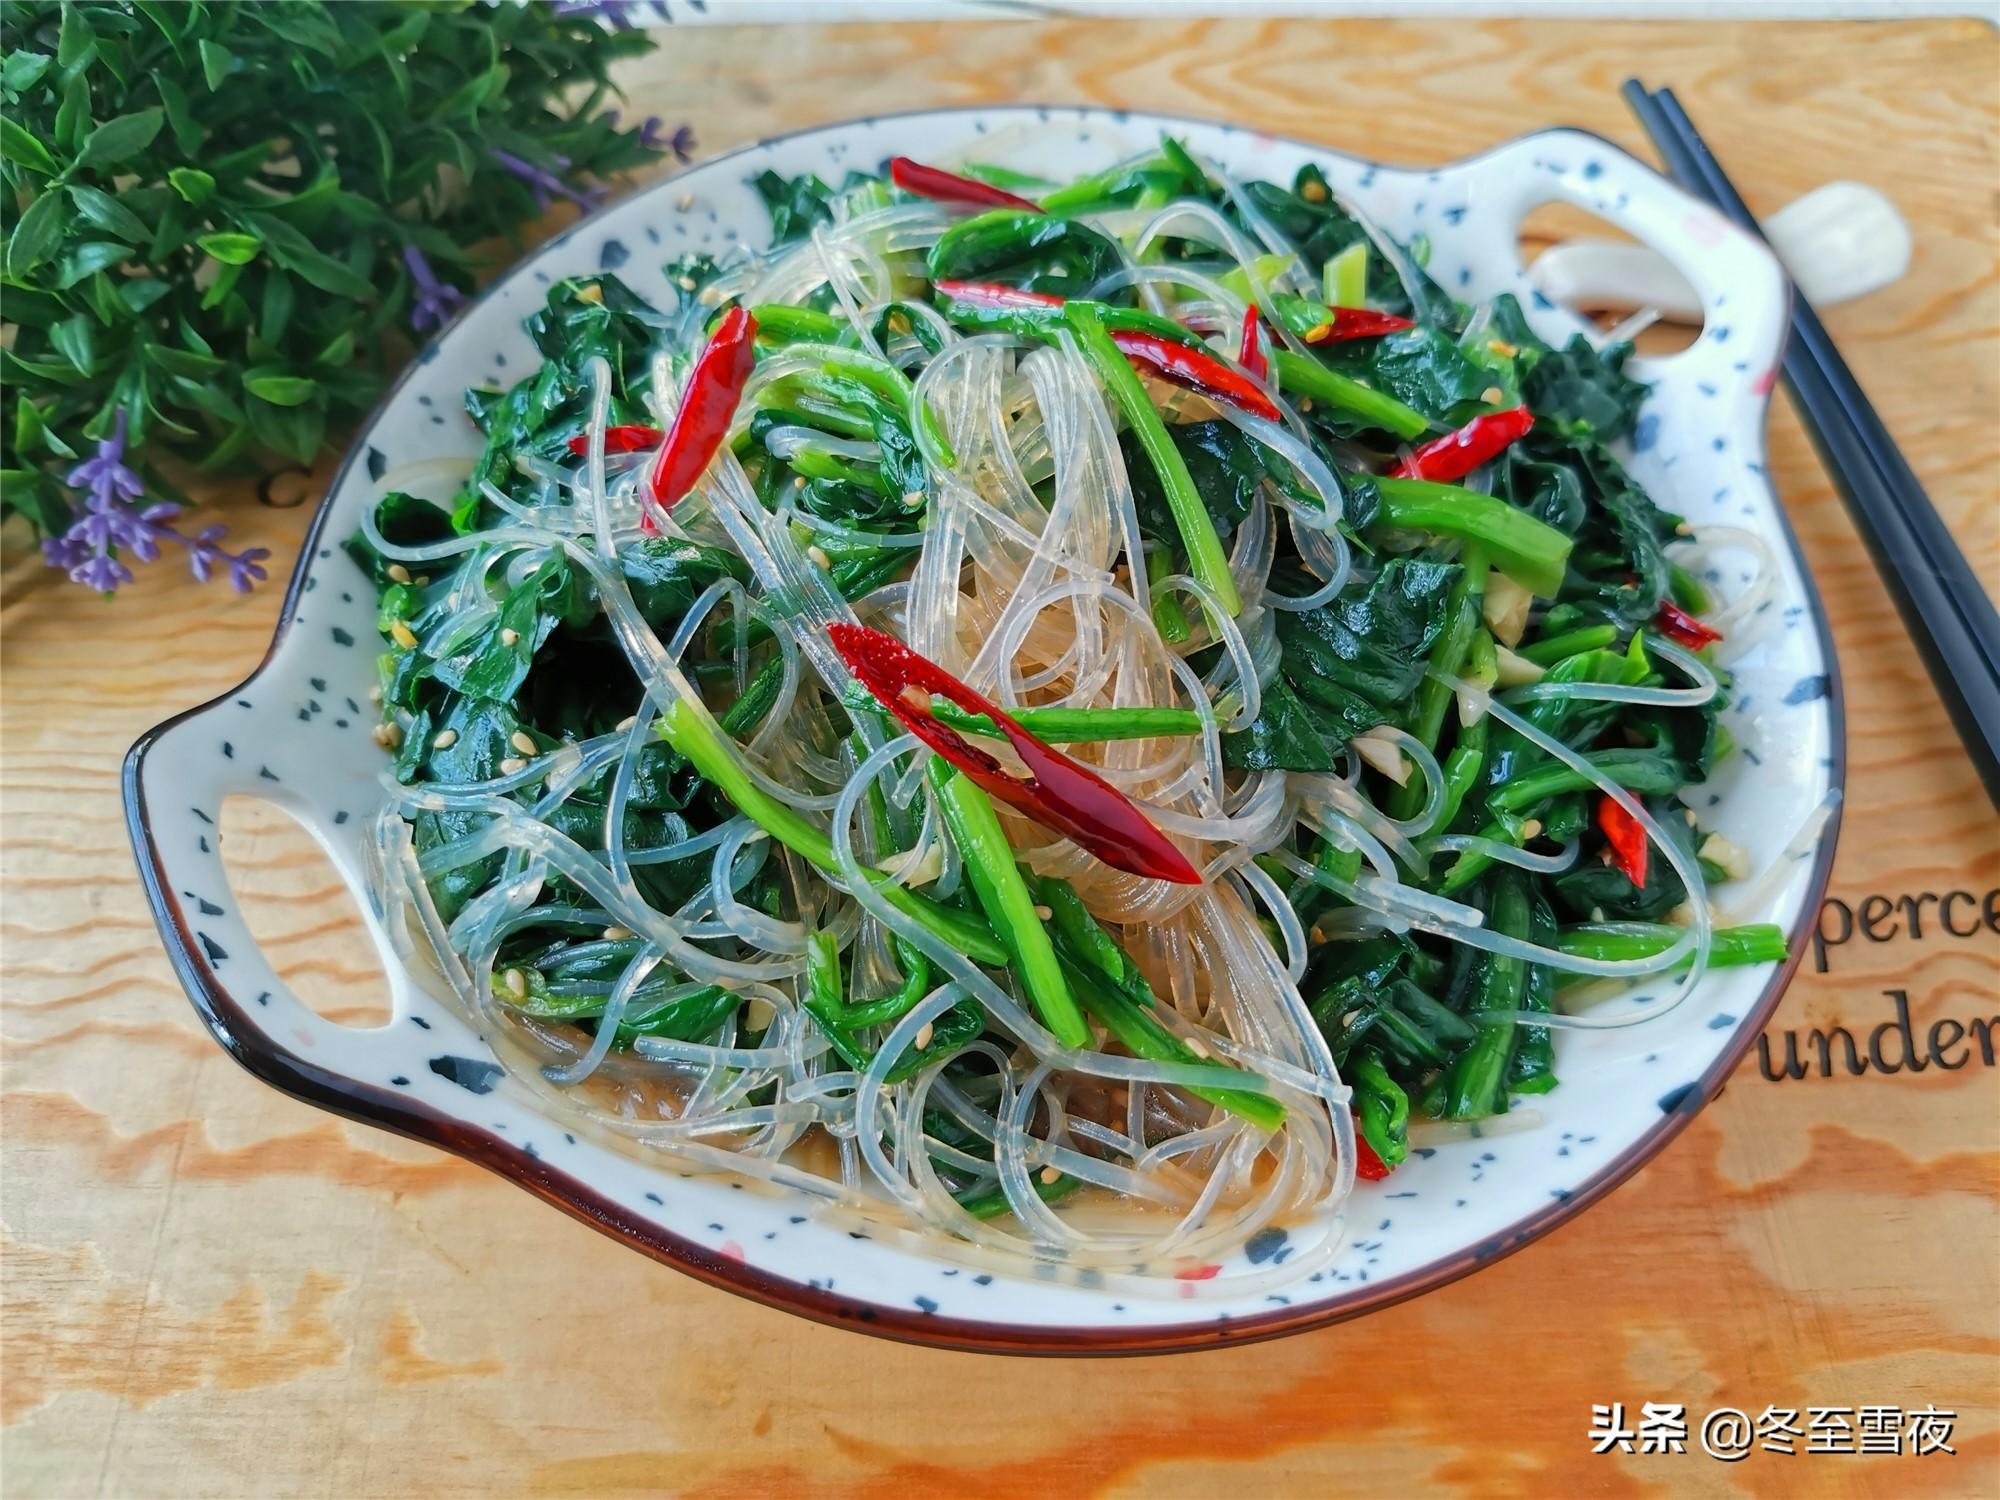 春菠菜做法,鲜嫩味美,祛春燥 美食做法 第1张